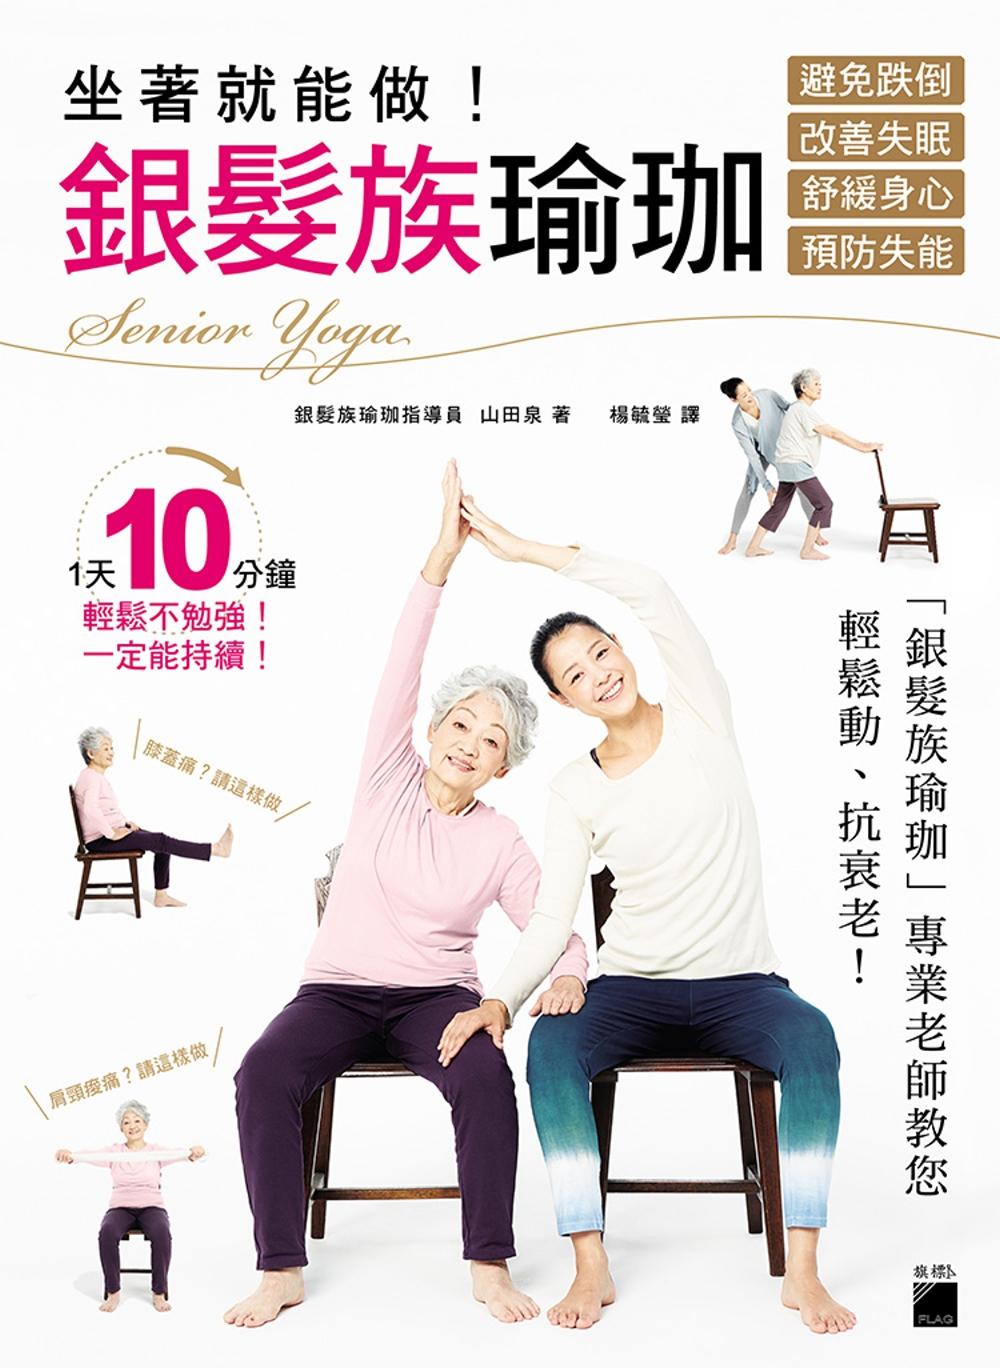 坐著就能做!銀髮族瑜珈:避免跌倒、改善失眠、舒緩身心、預防失能